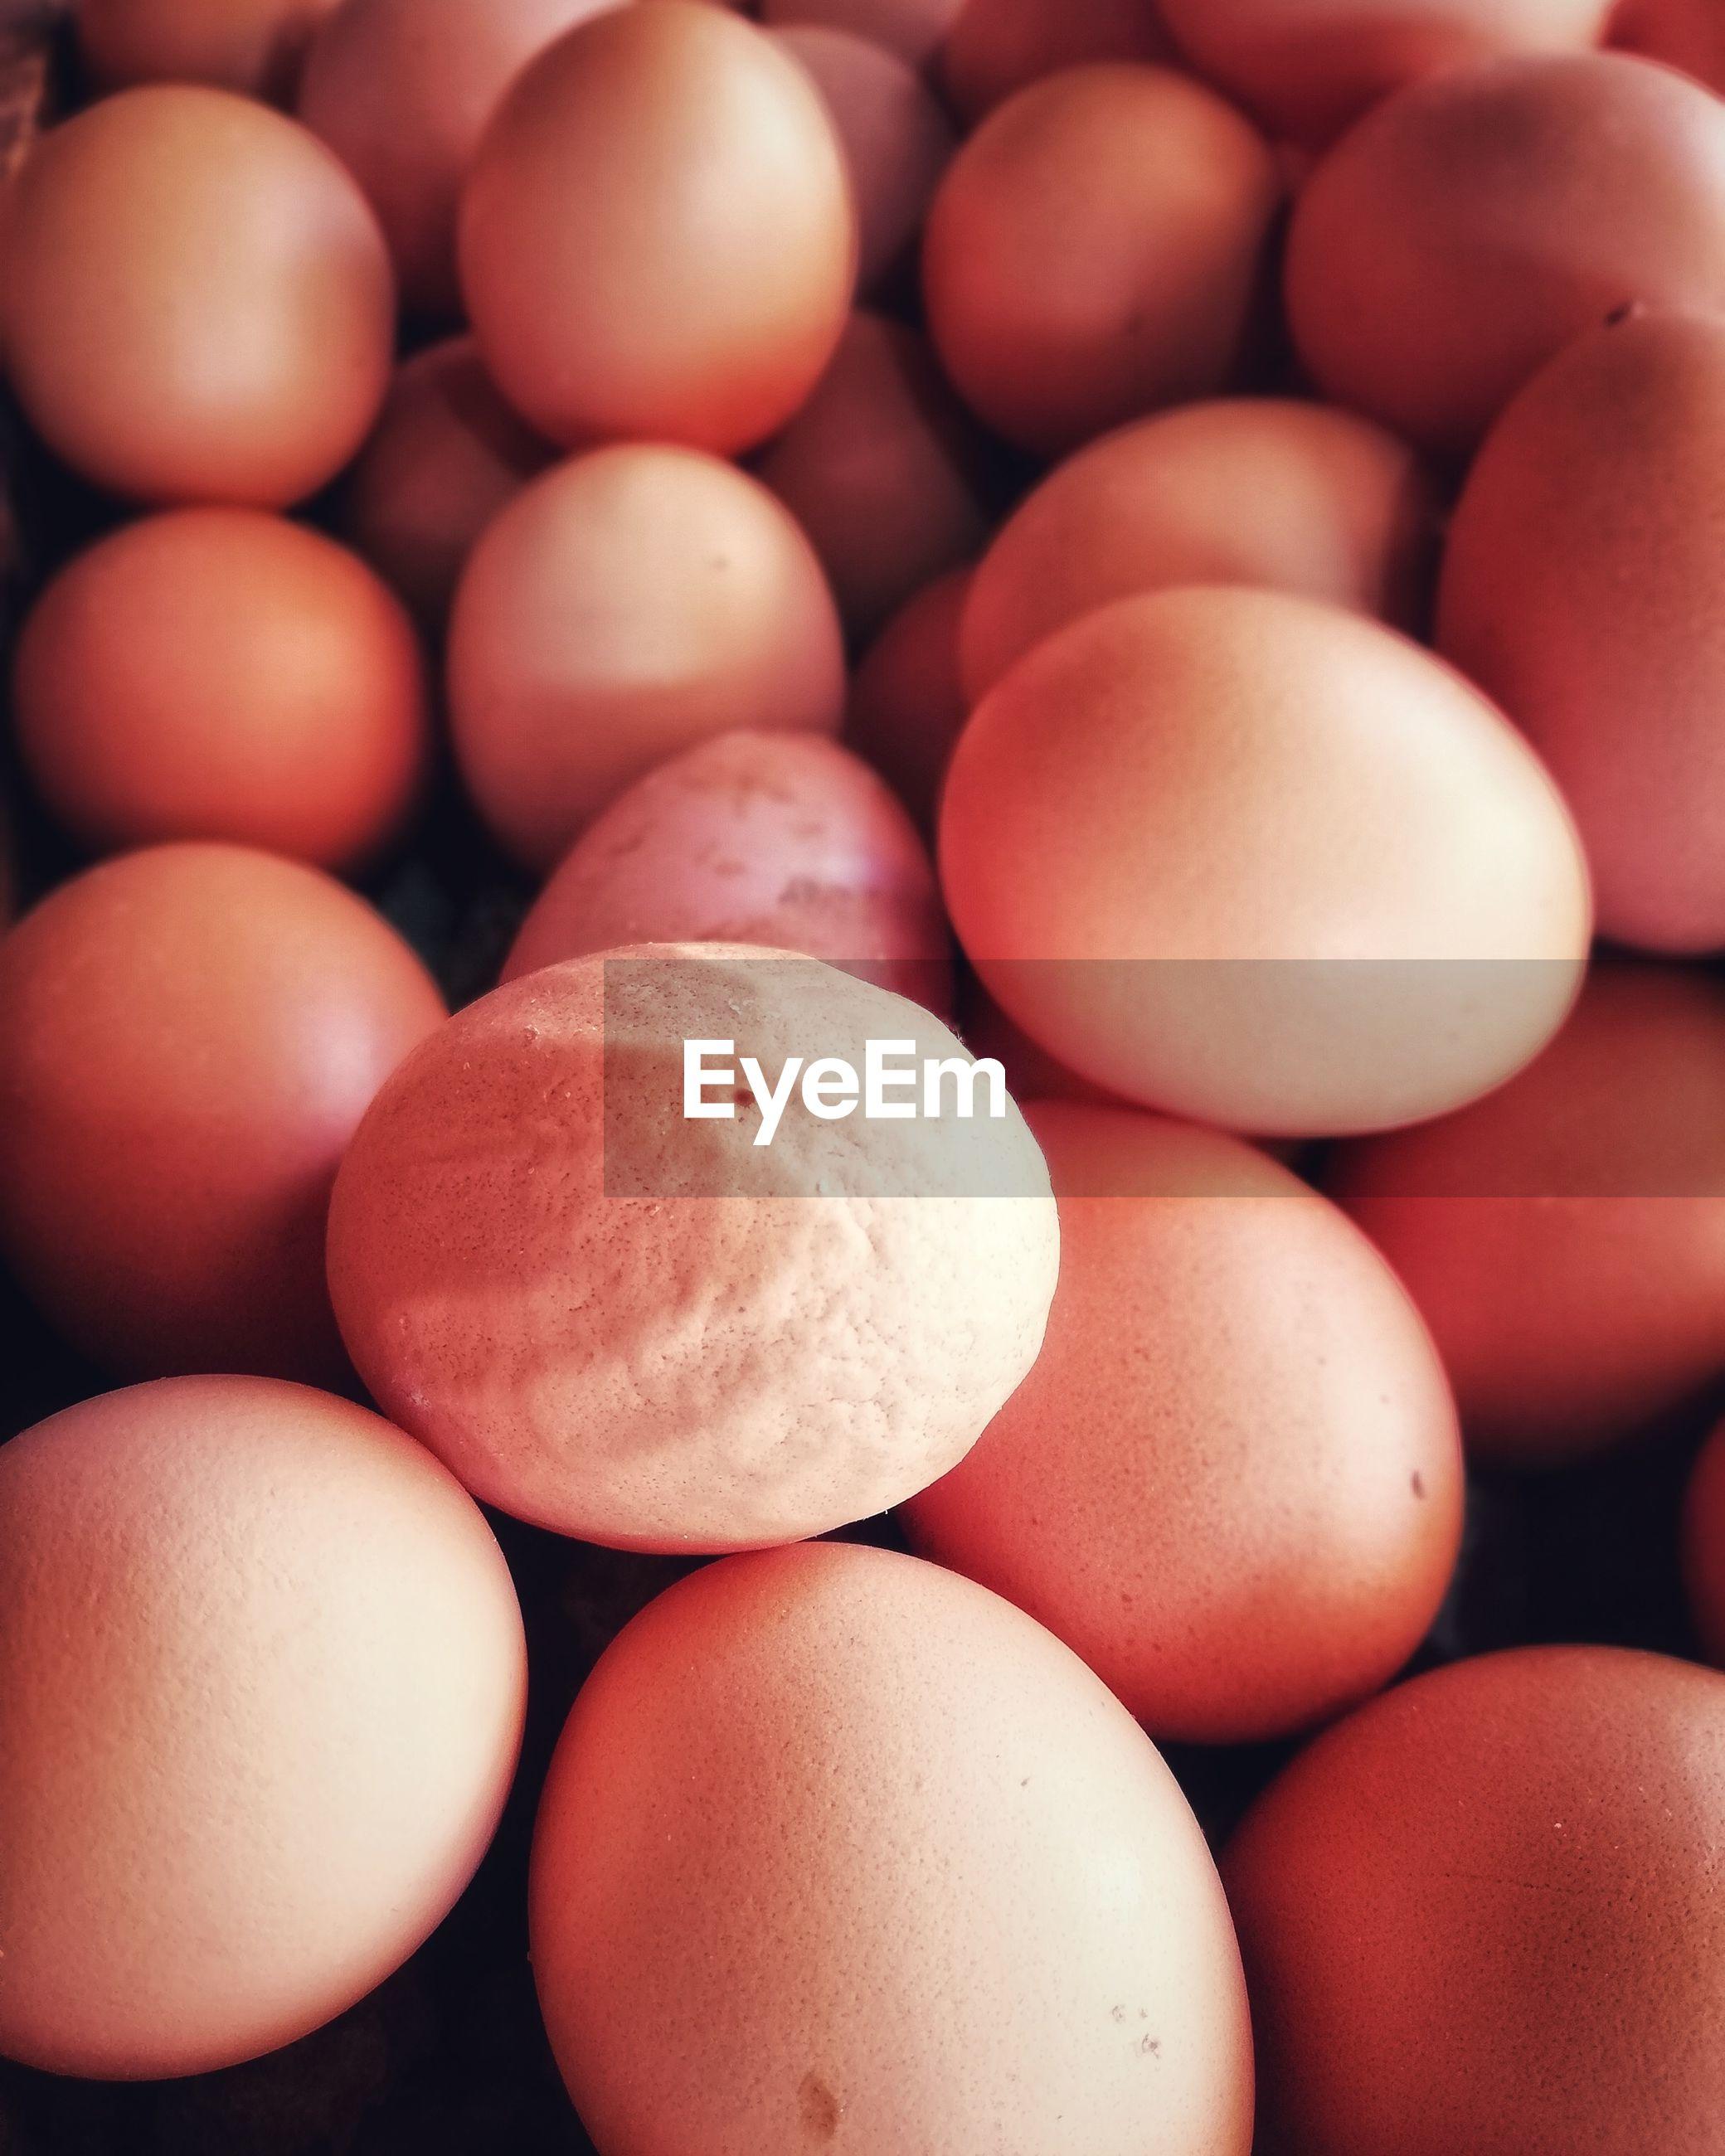 Full frame shot of eggs for sale